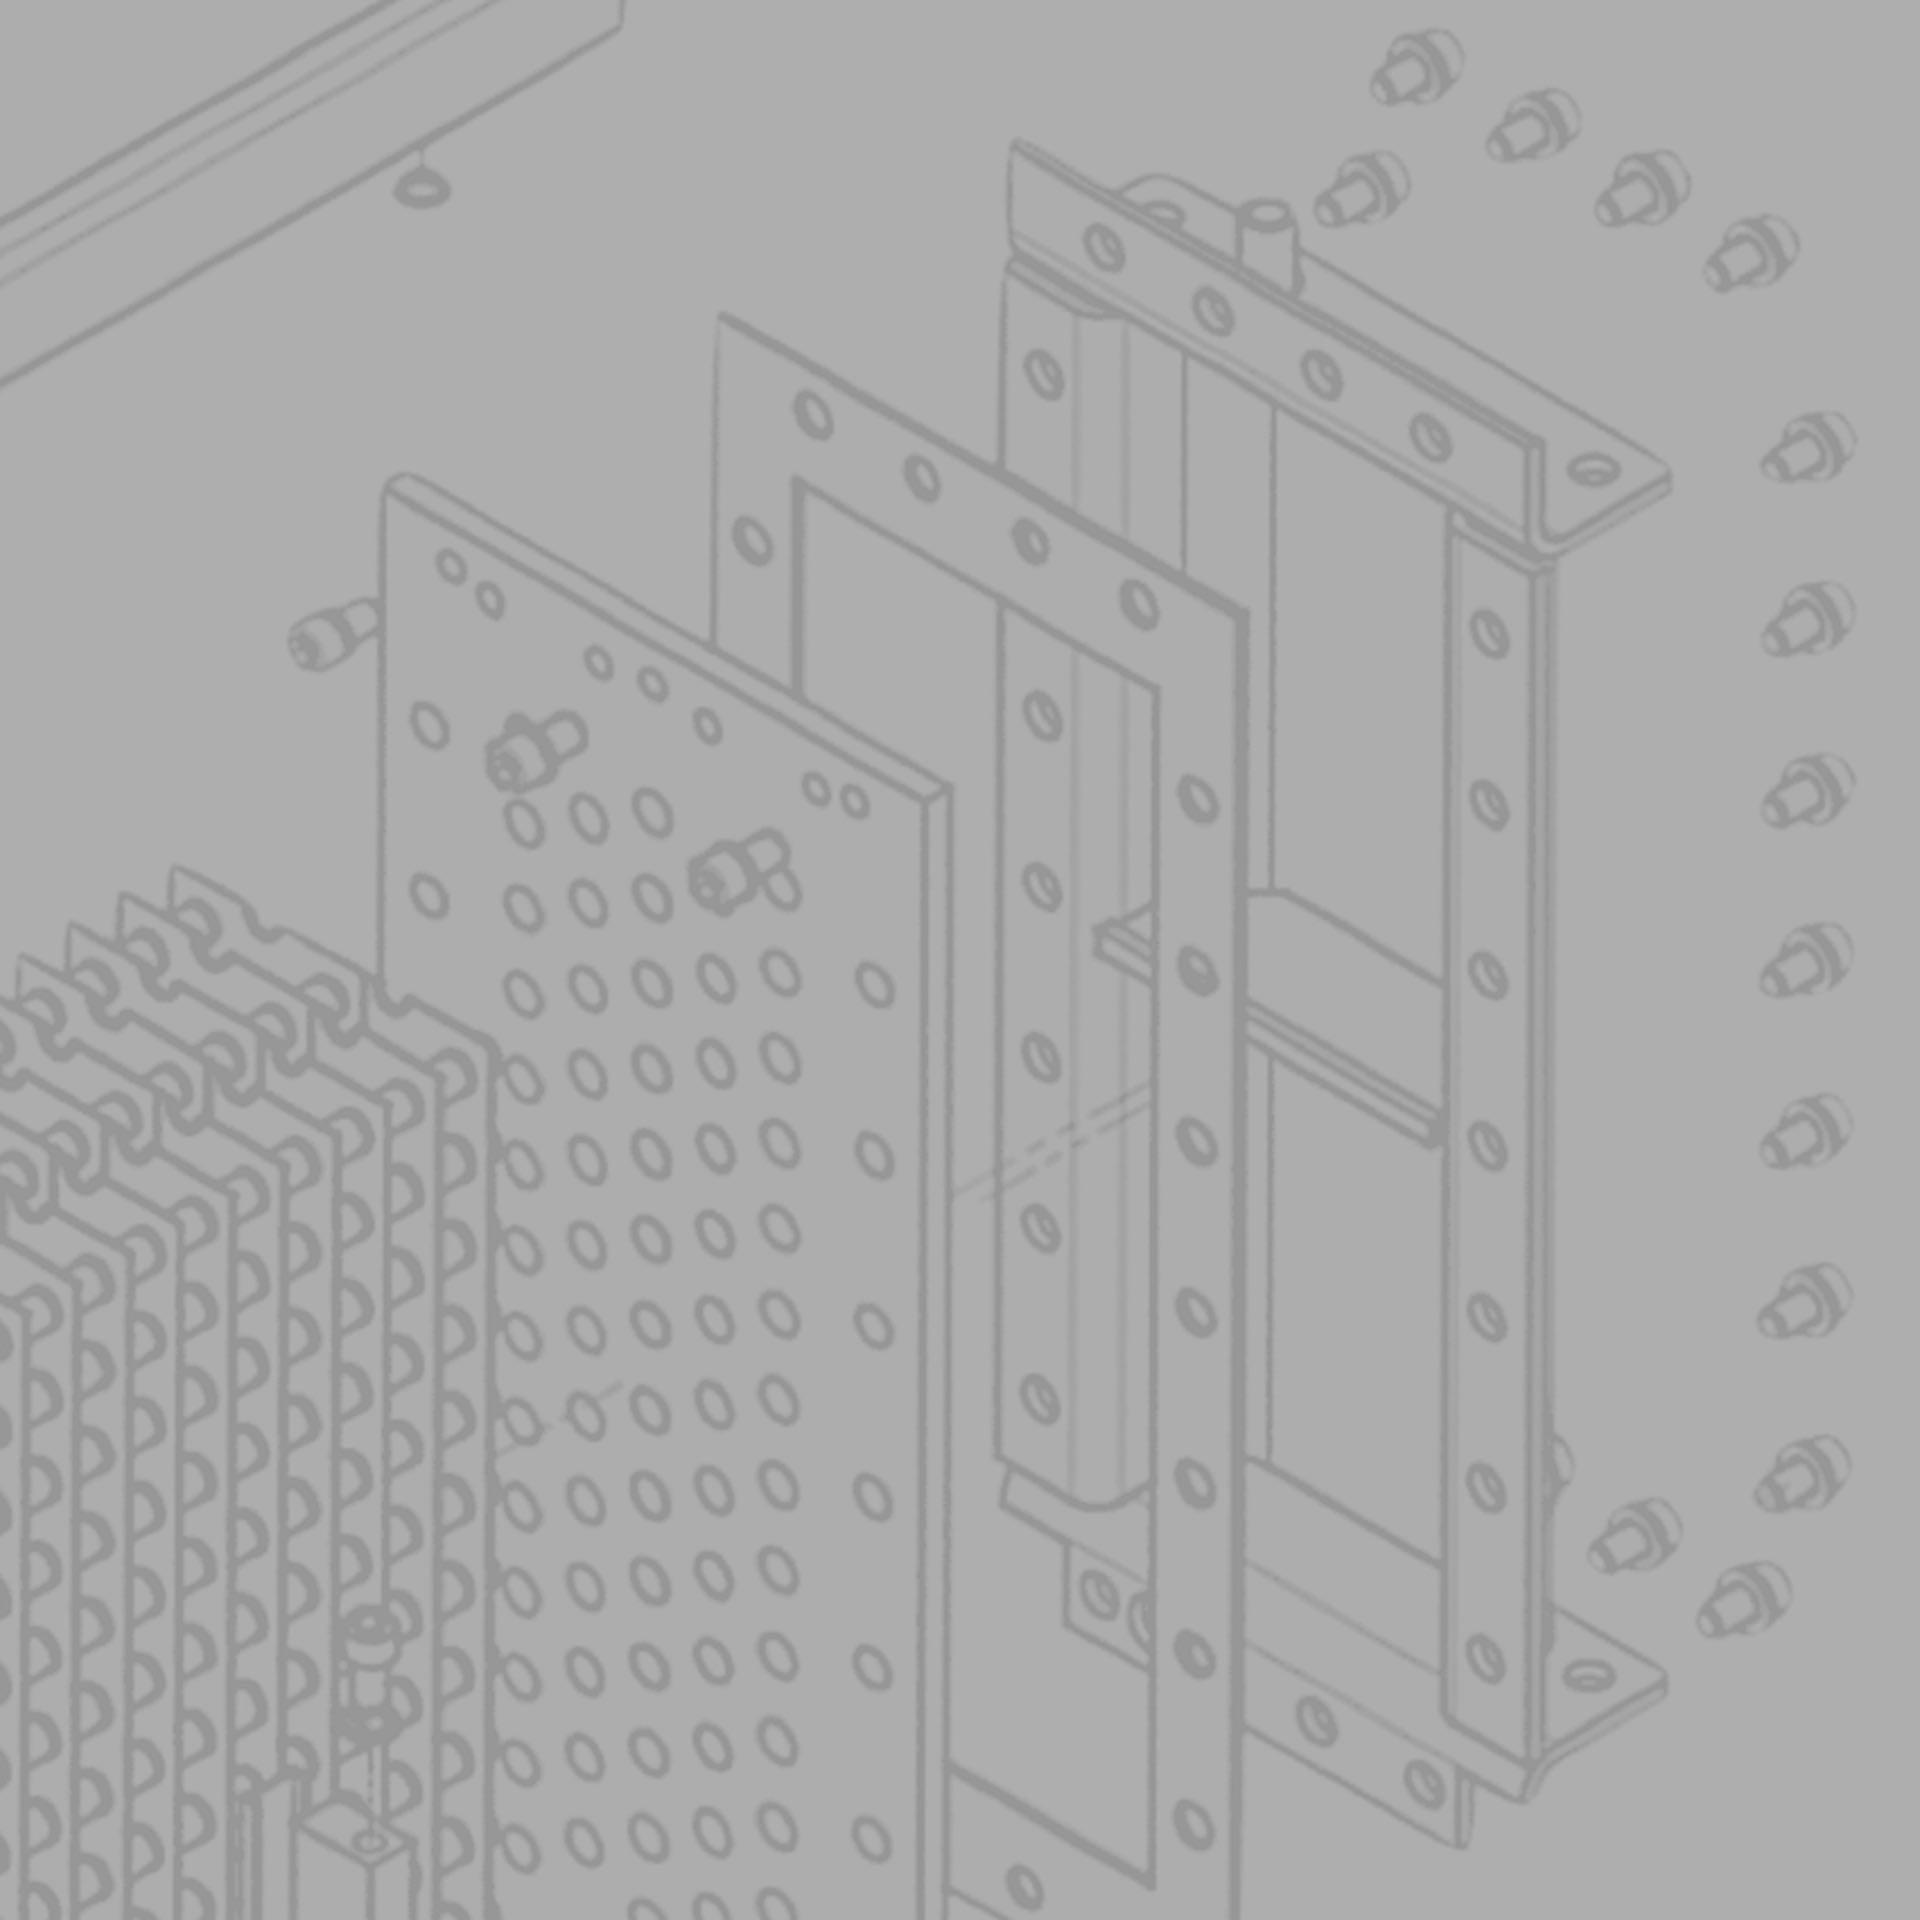 GWA_spare_parts_and_service_2_Gesellschaft_fuer_Waerme_und_Anlagentechnik_mbH_monochrom